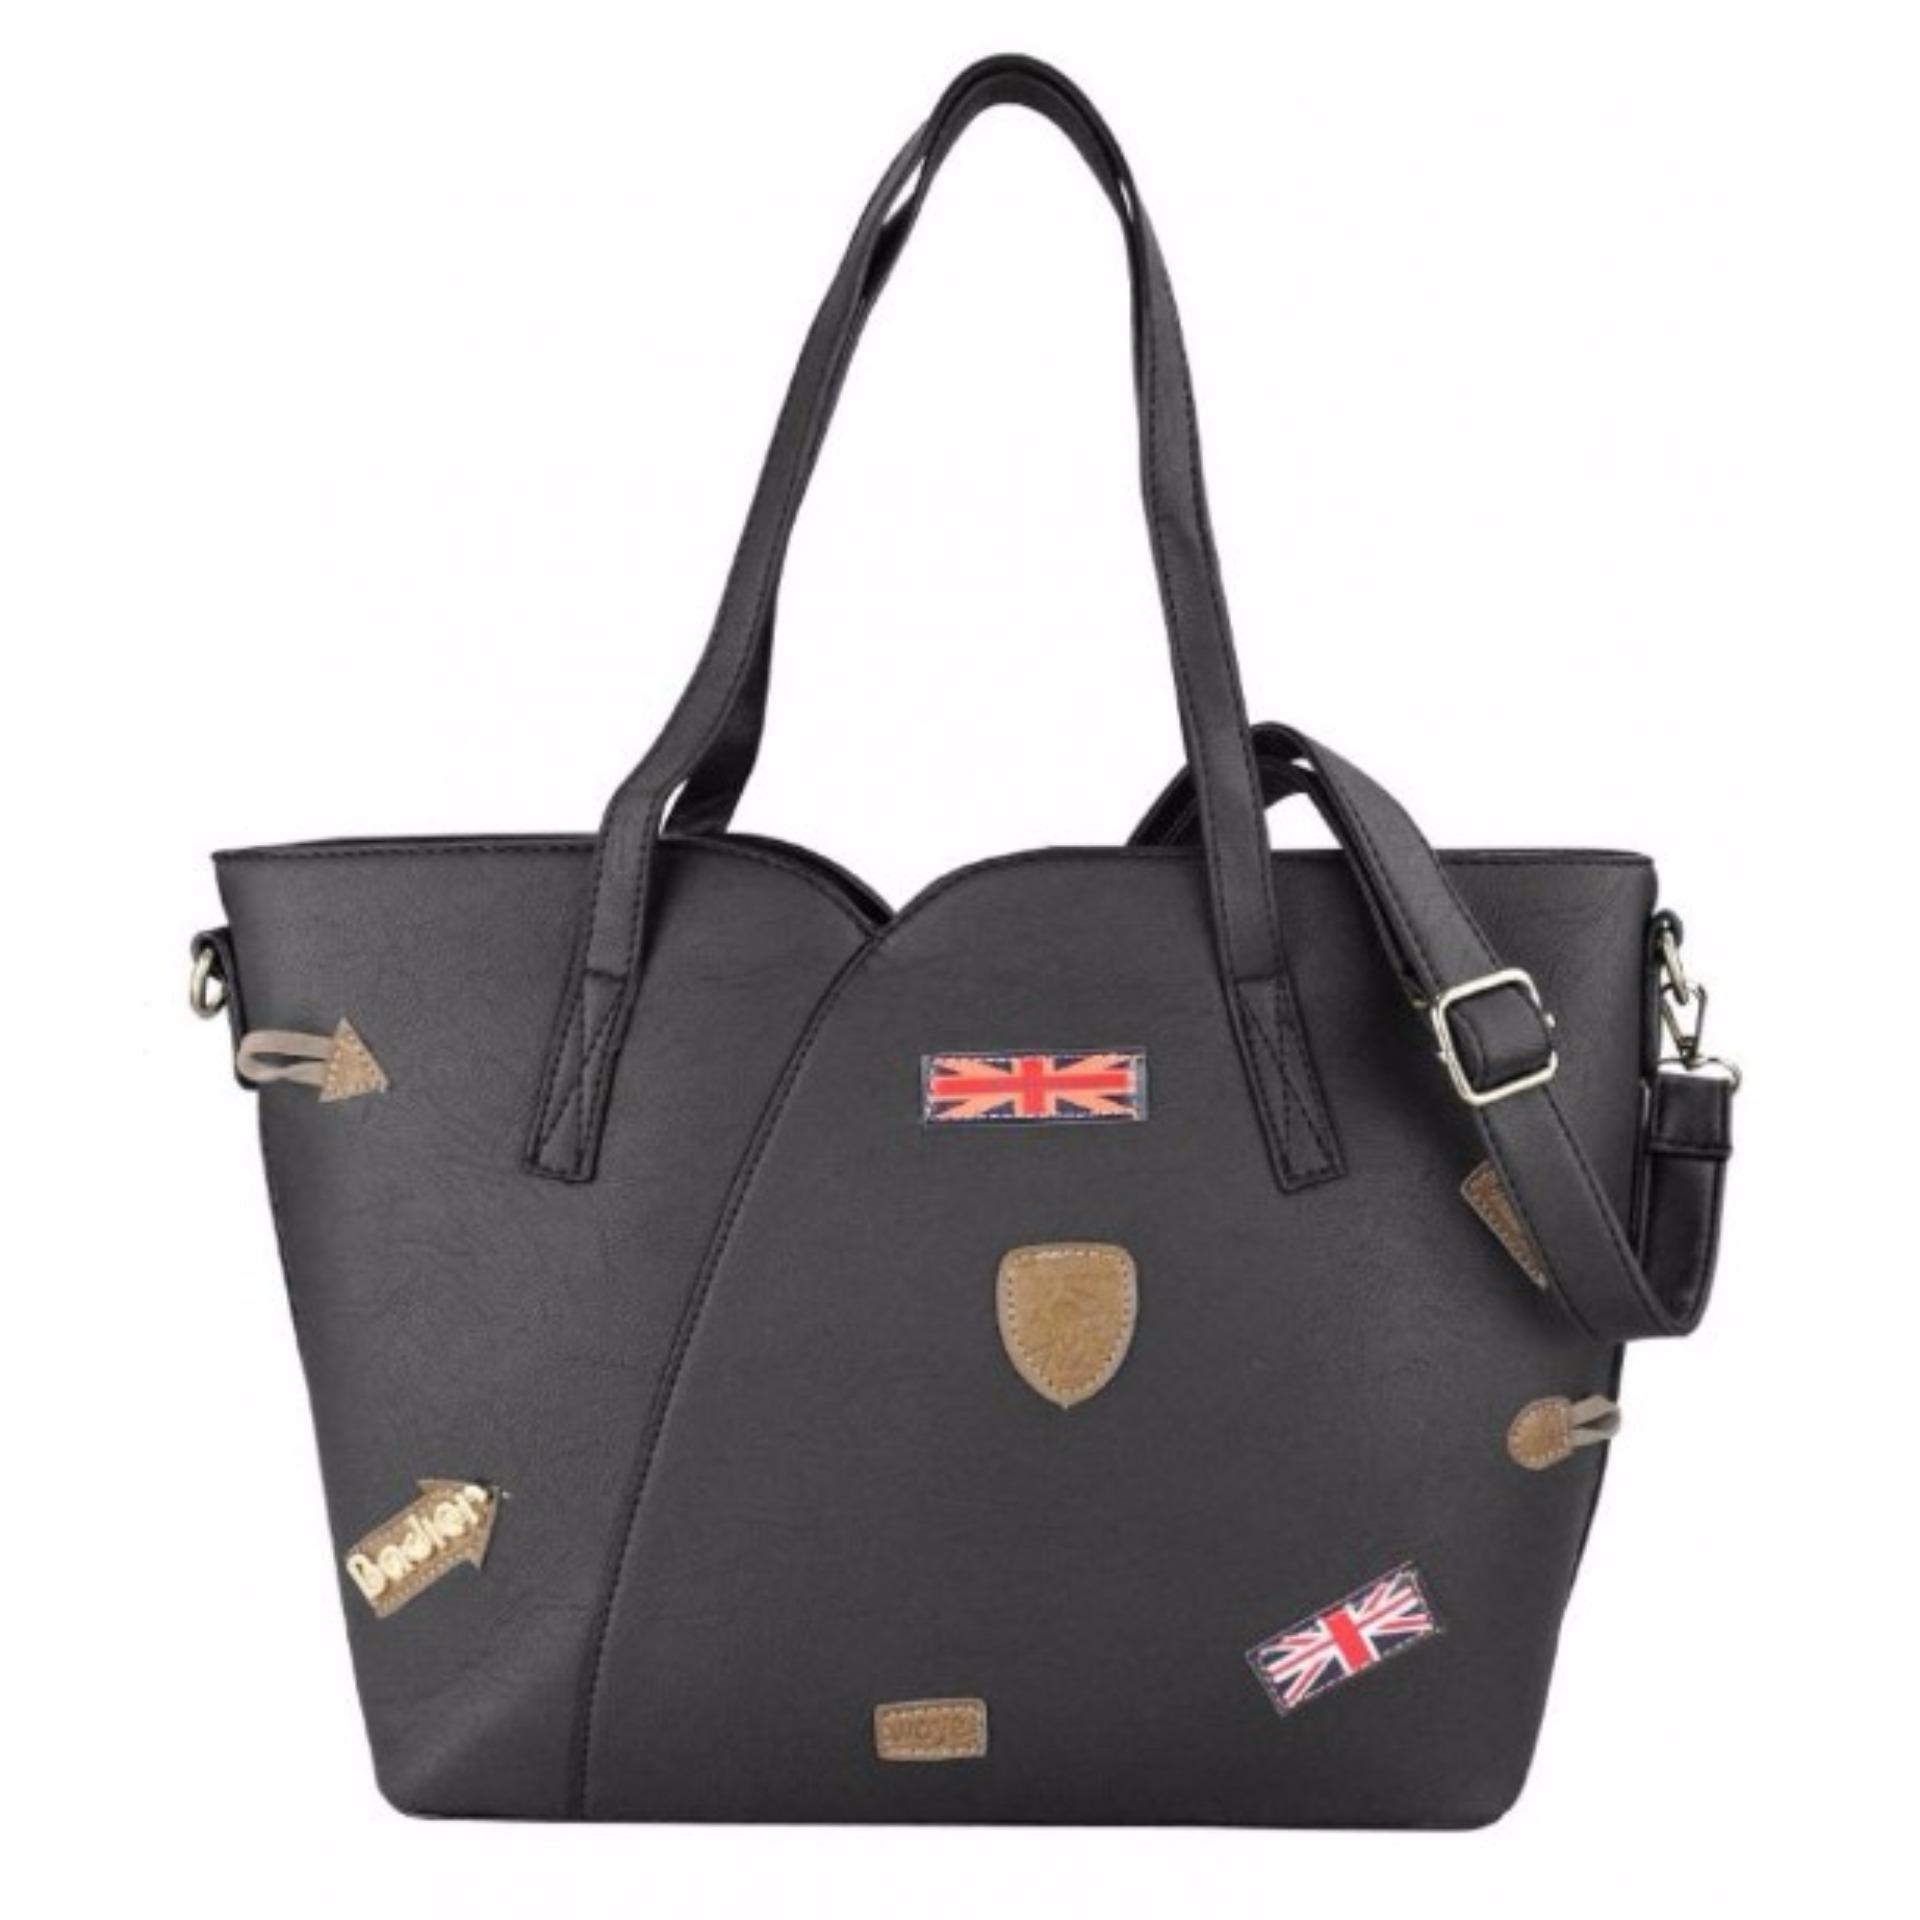 ... Leather Tote Bag Korean Fashion Badge Design Black Casual Bag Shoulder Bag with Sling Office Bag ...